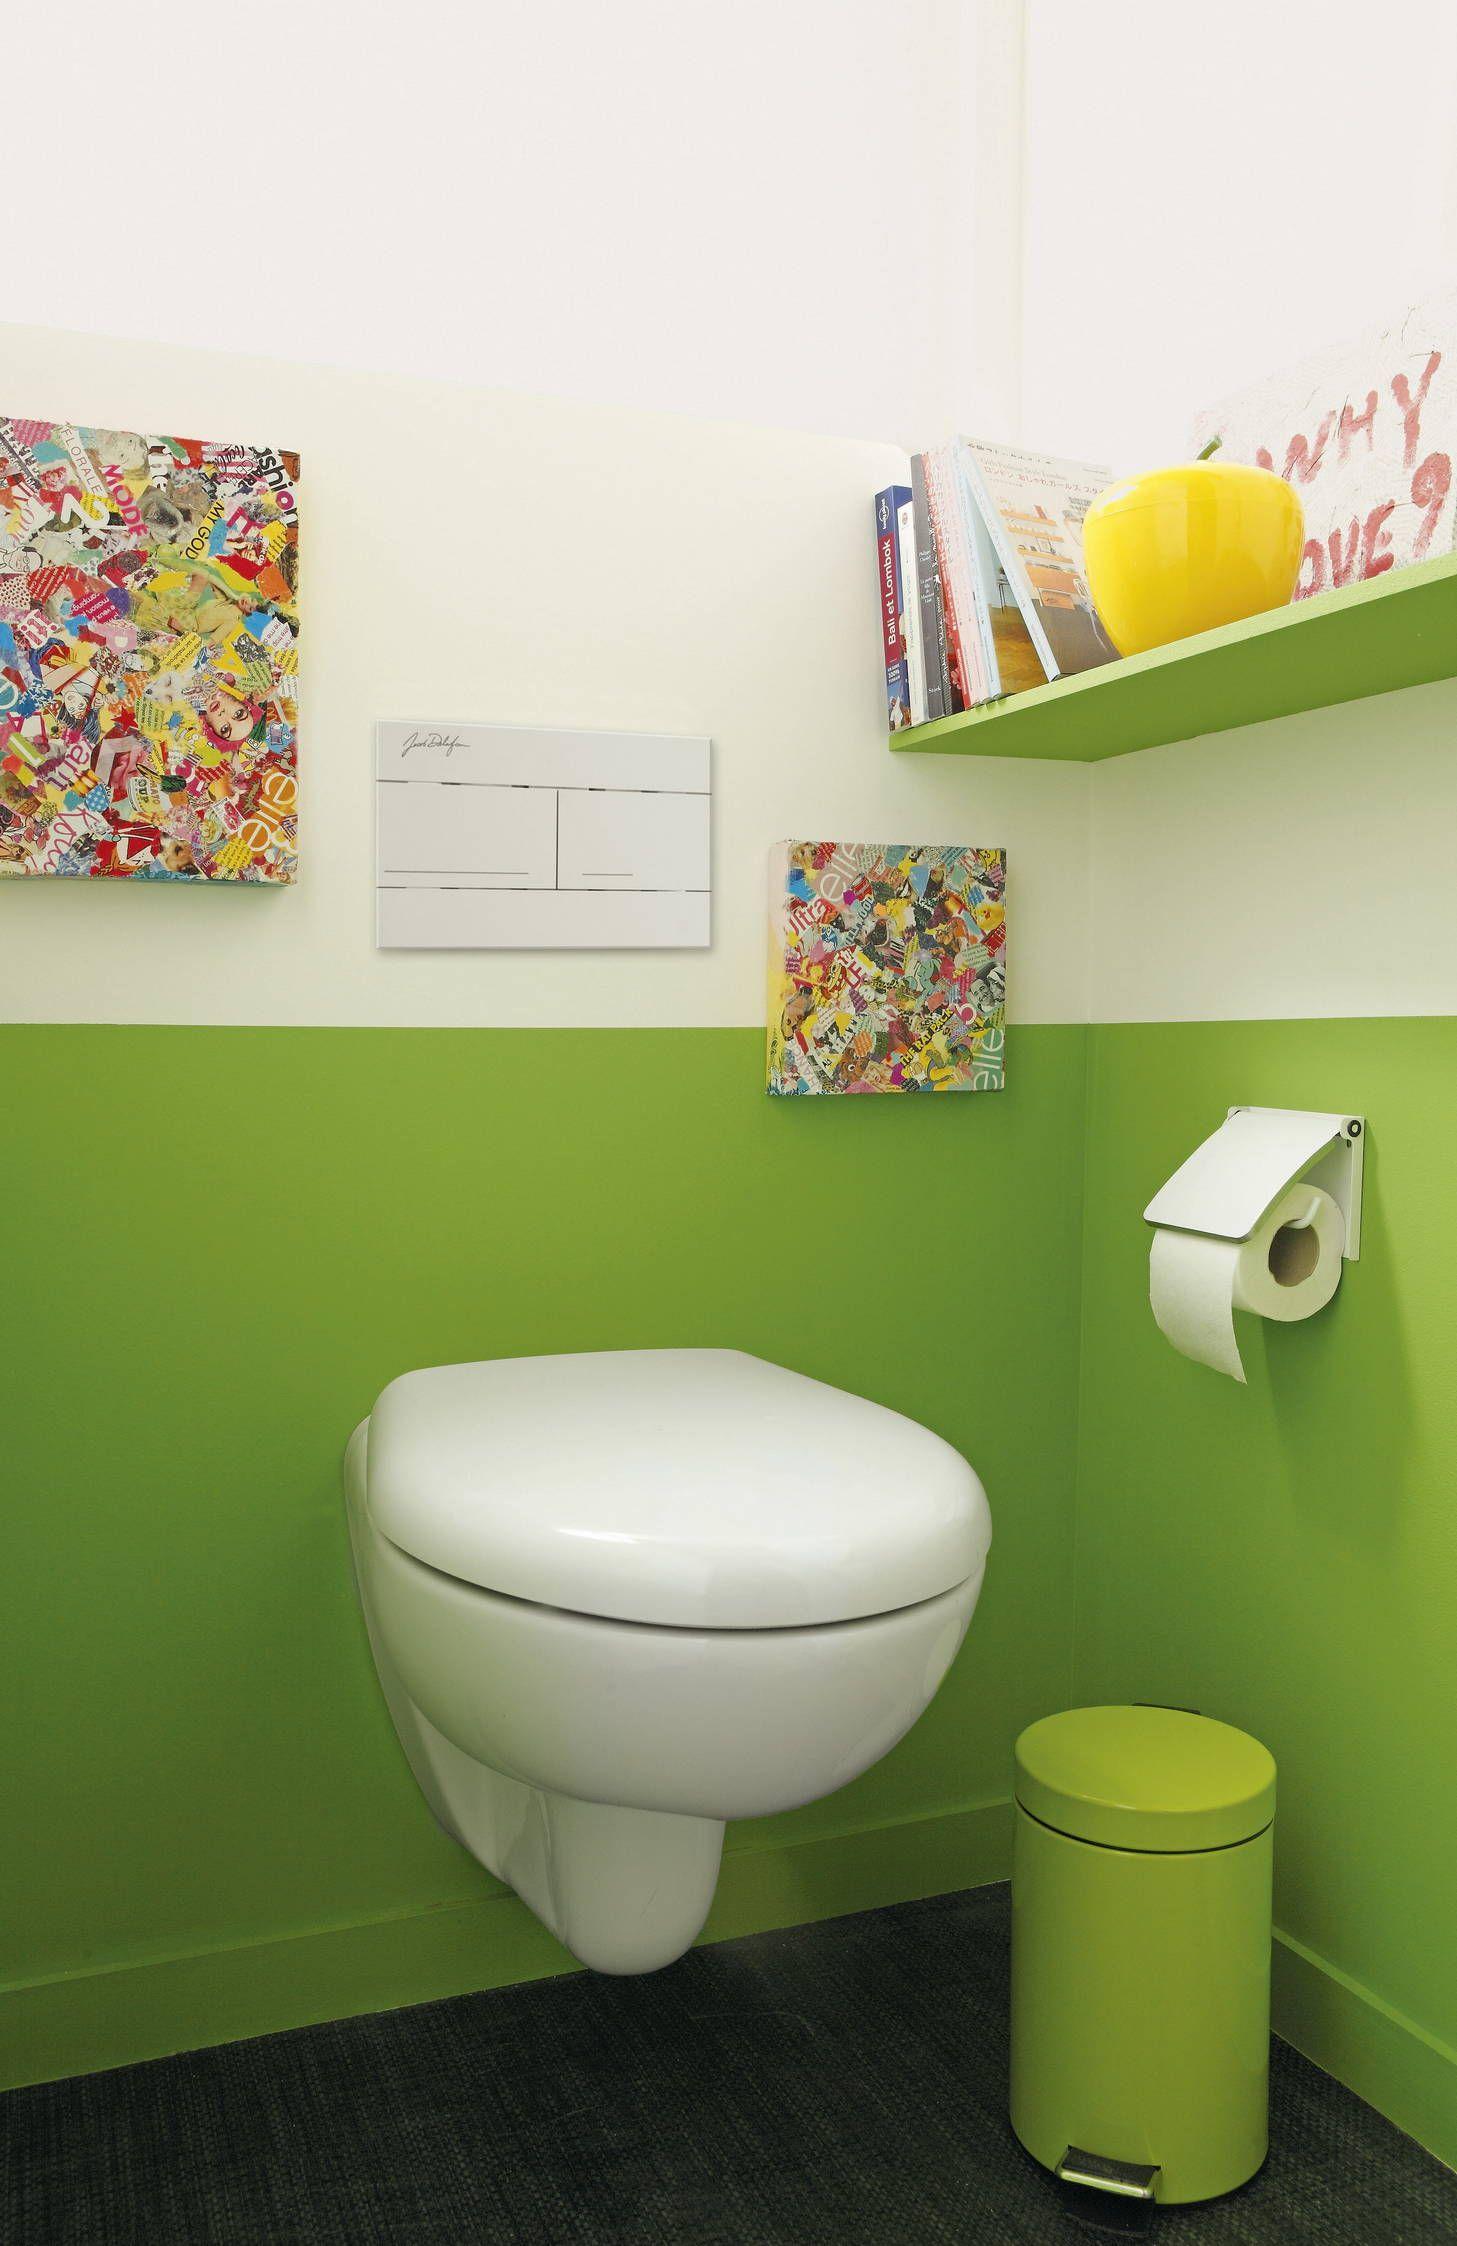 Peinture Wc 2 Couleurs des toilettes avec l'ensemble des accessoires coordonnés aux 2